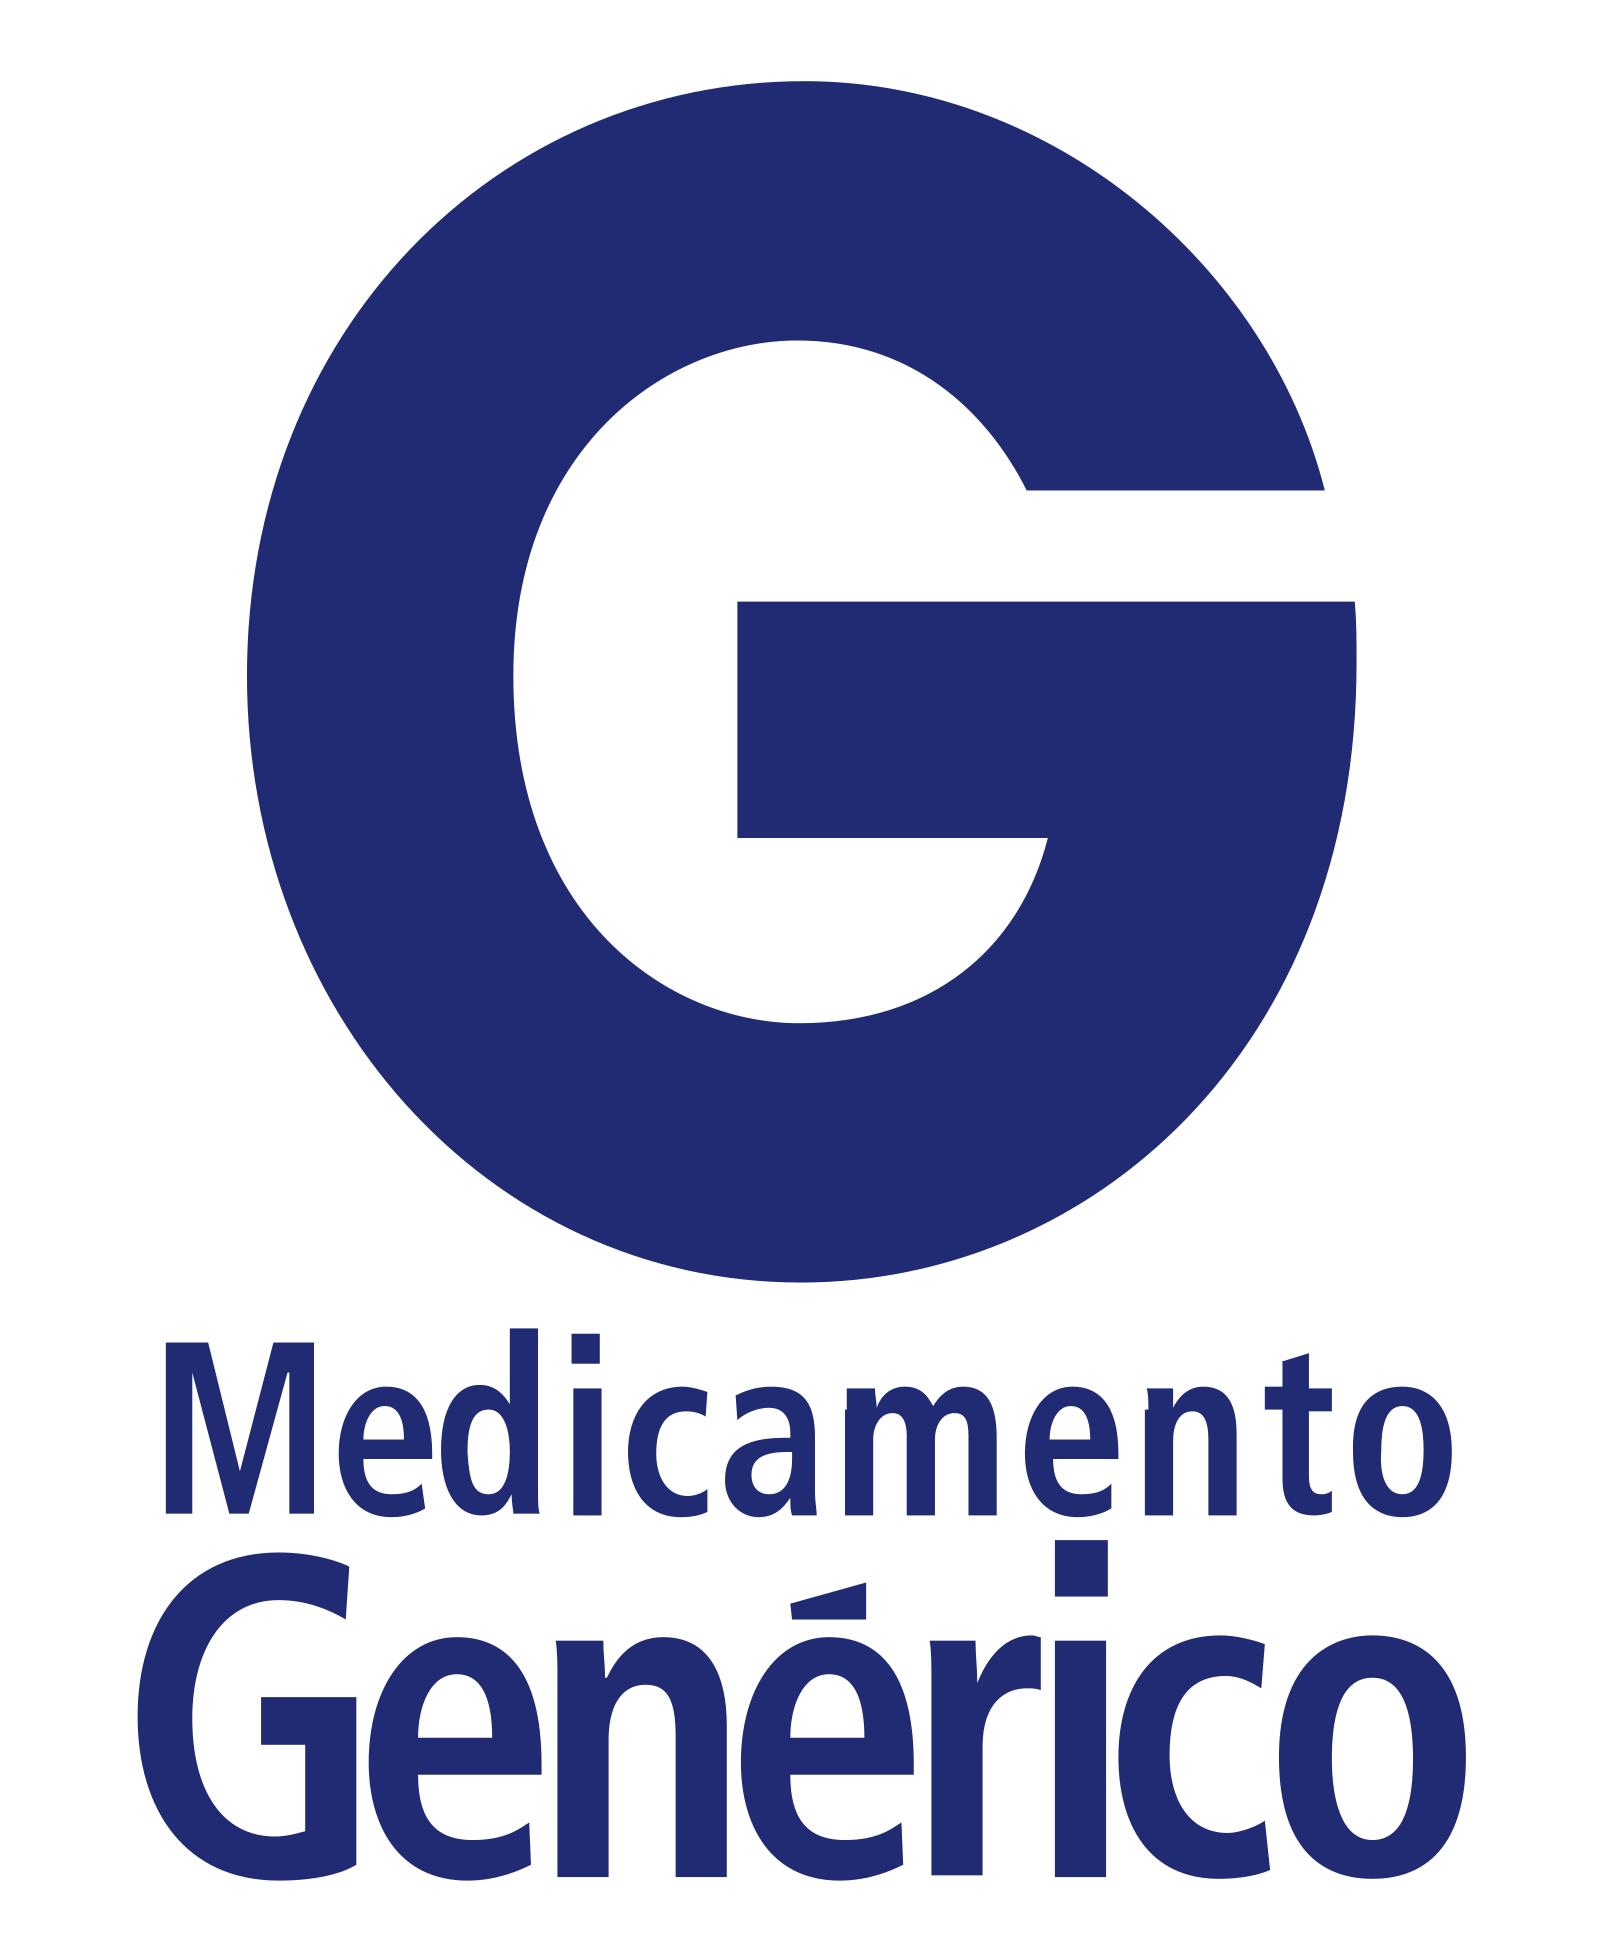 medicamento generico logo 8 - Genérico Logo - Medicamento Genérico Logo